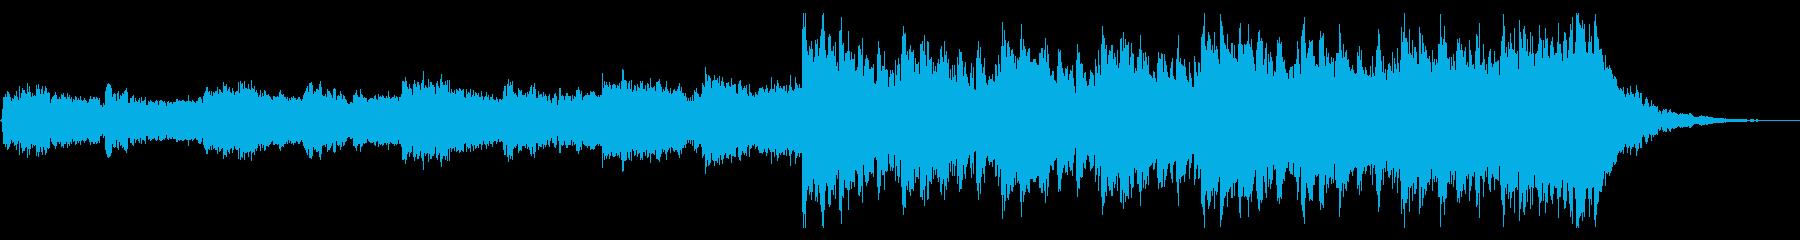 映画音楽のような壮大で緊迫感のあるBGMの再生済みの波形